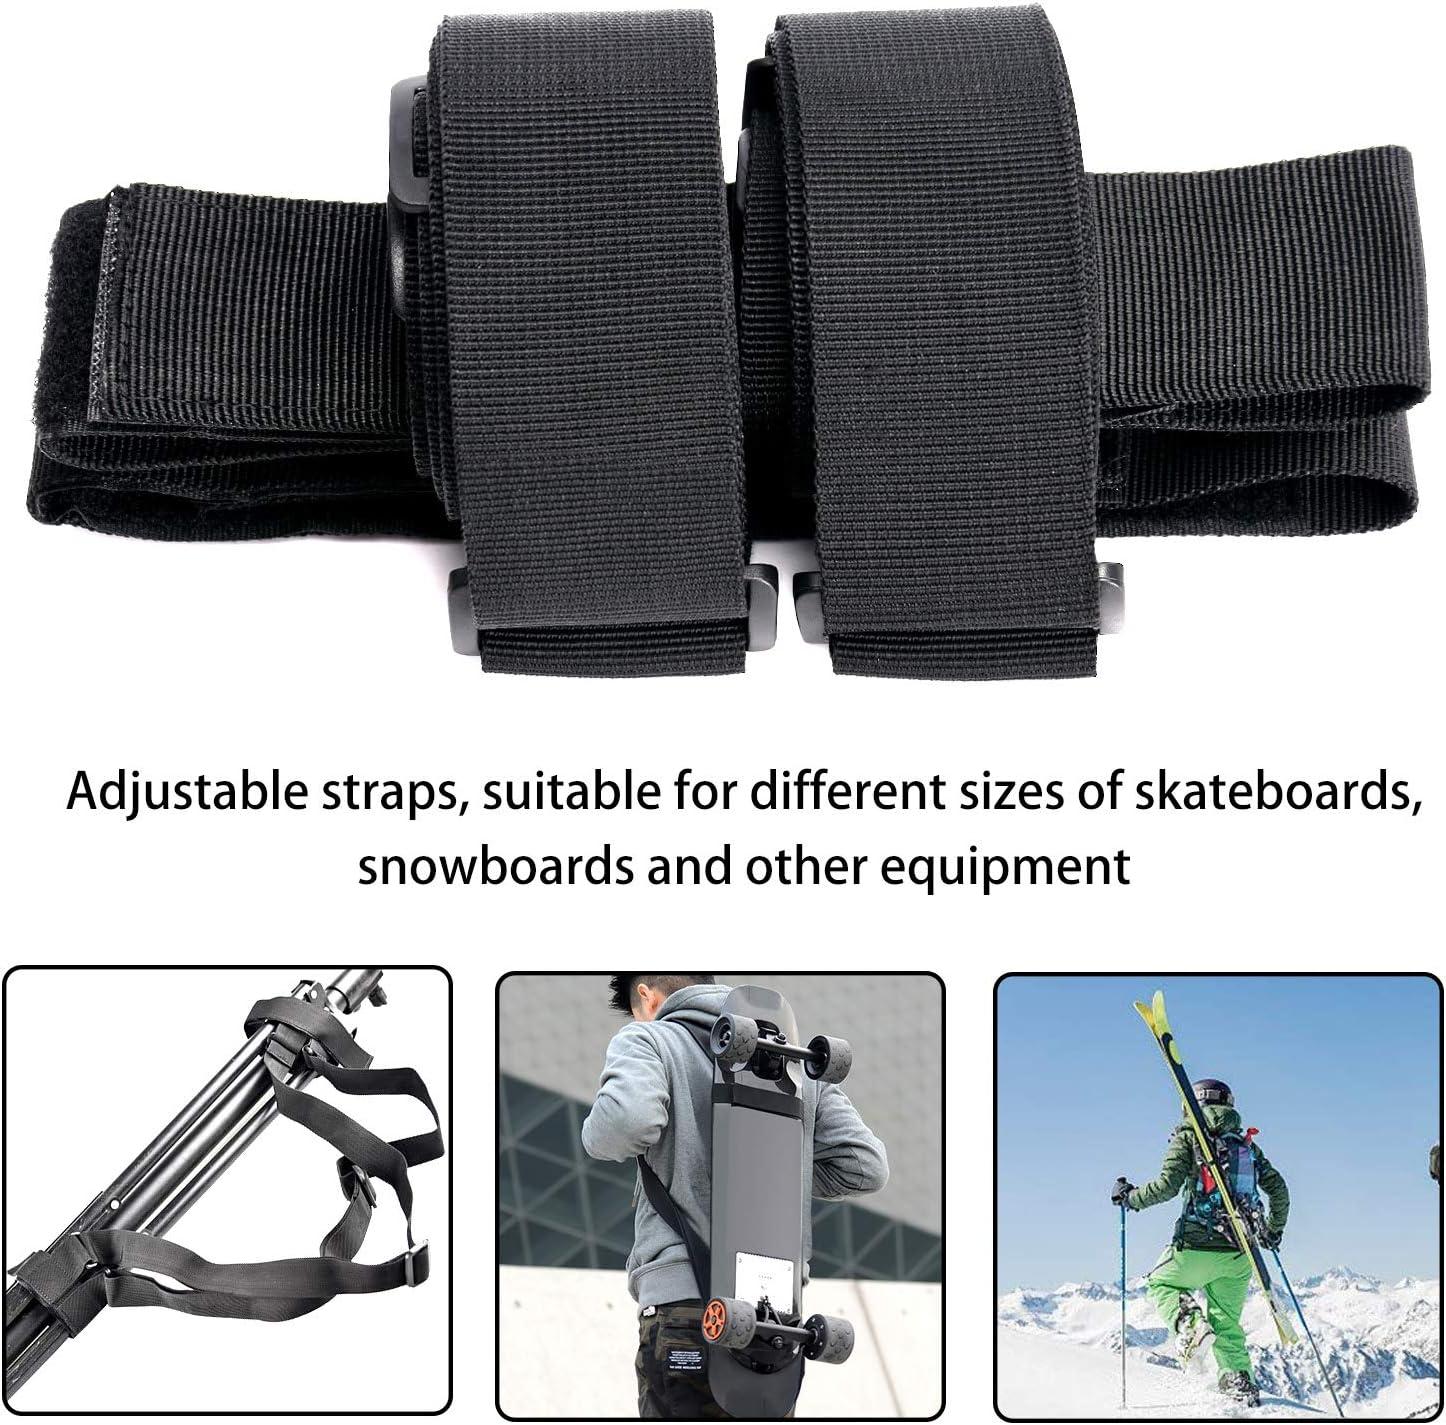 Adjustable Longboard Shoulder Carrier Backpack Belts TOBWOLF Universal Skateboard Shoulders Carry Strap Fit for All Skateboards /& Snowboards /& Skis Carry